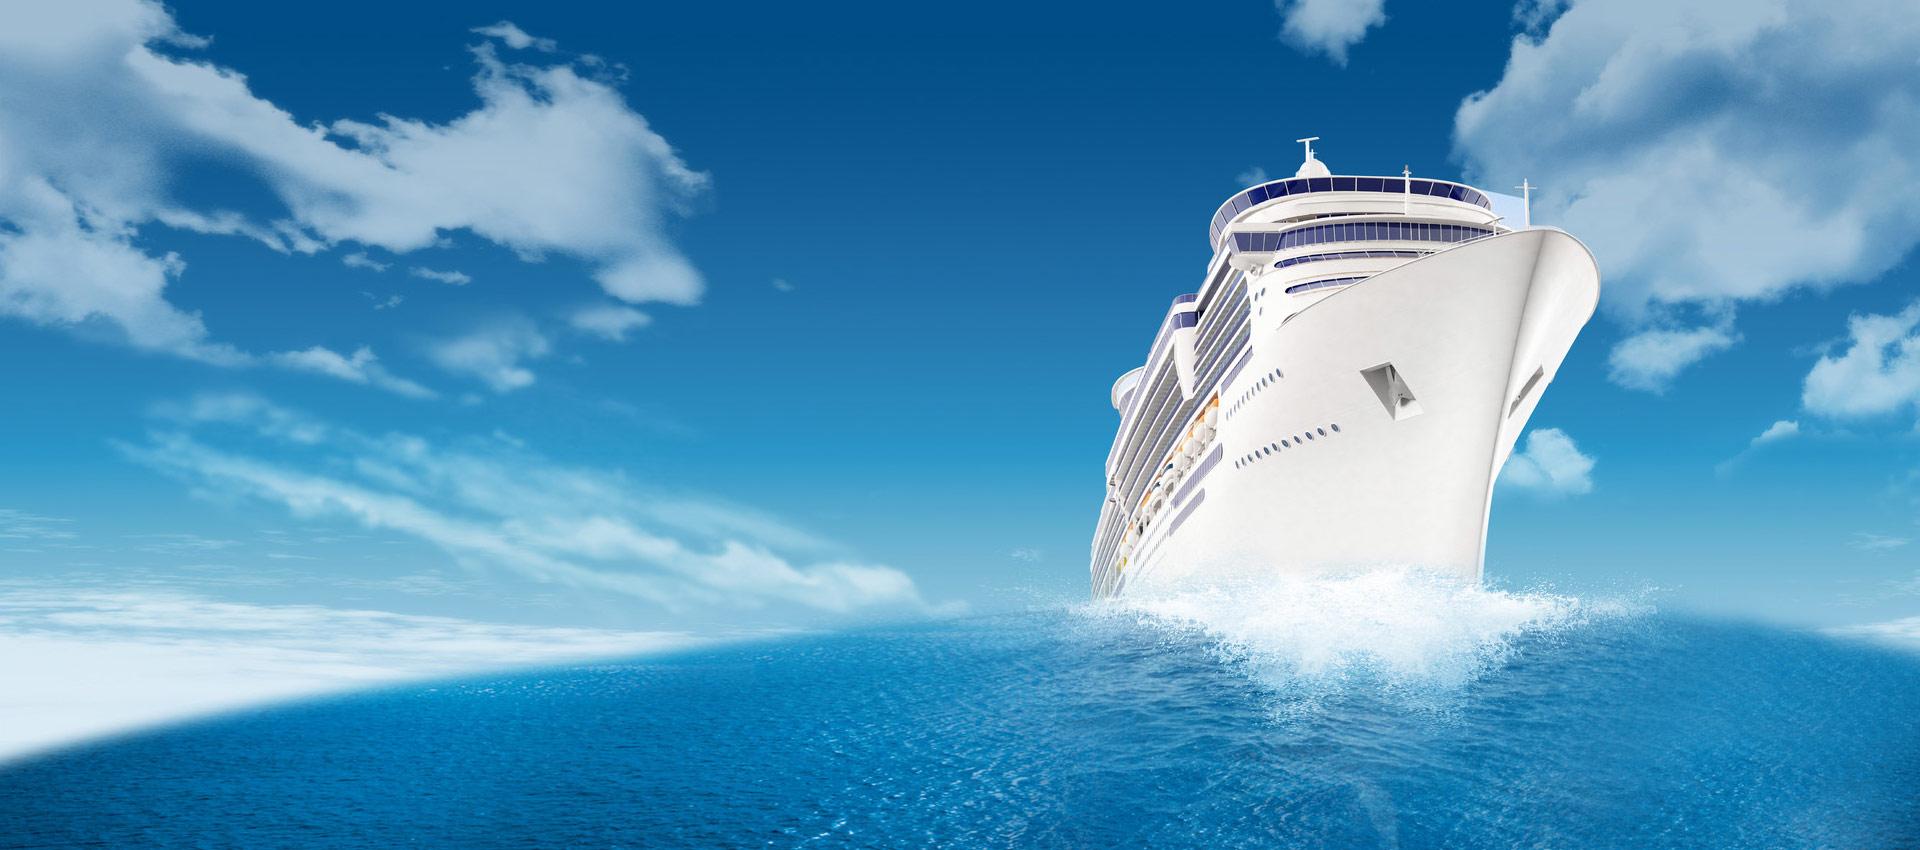 建设船舶行业技术先进、产融一体的创新型企业